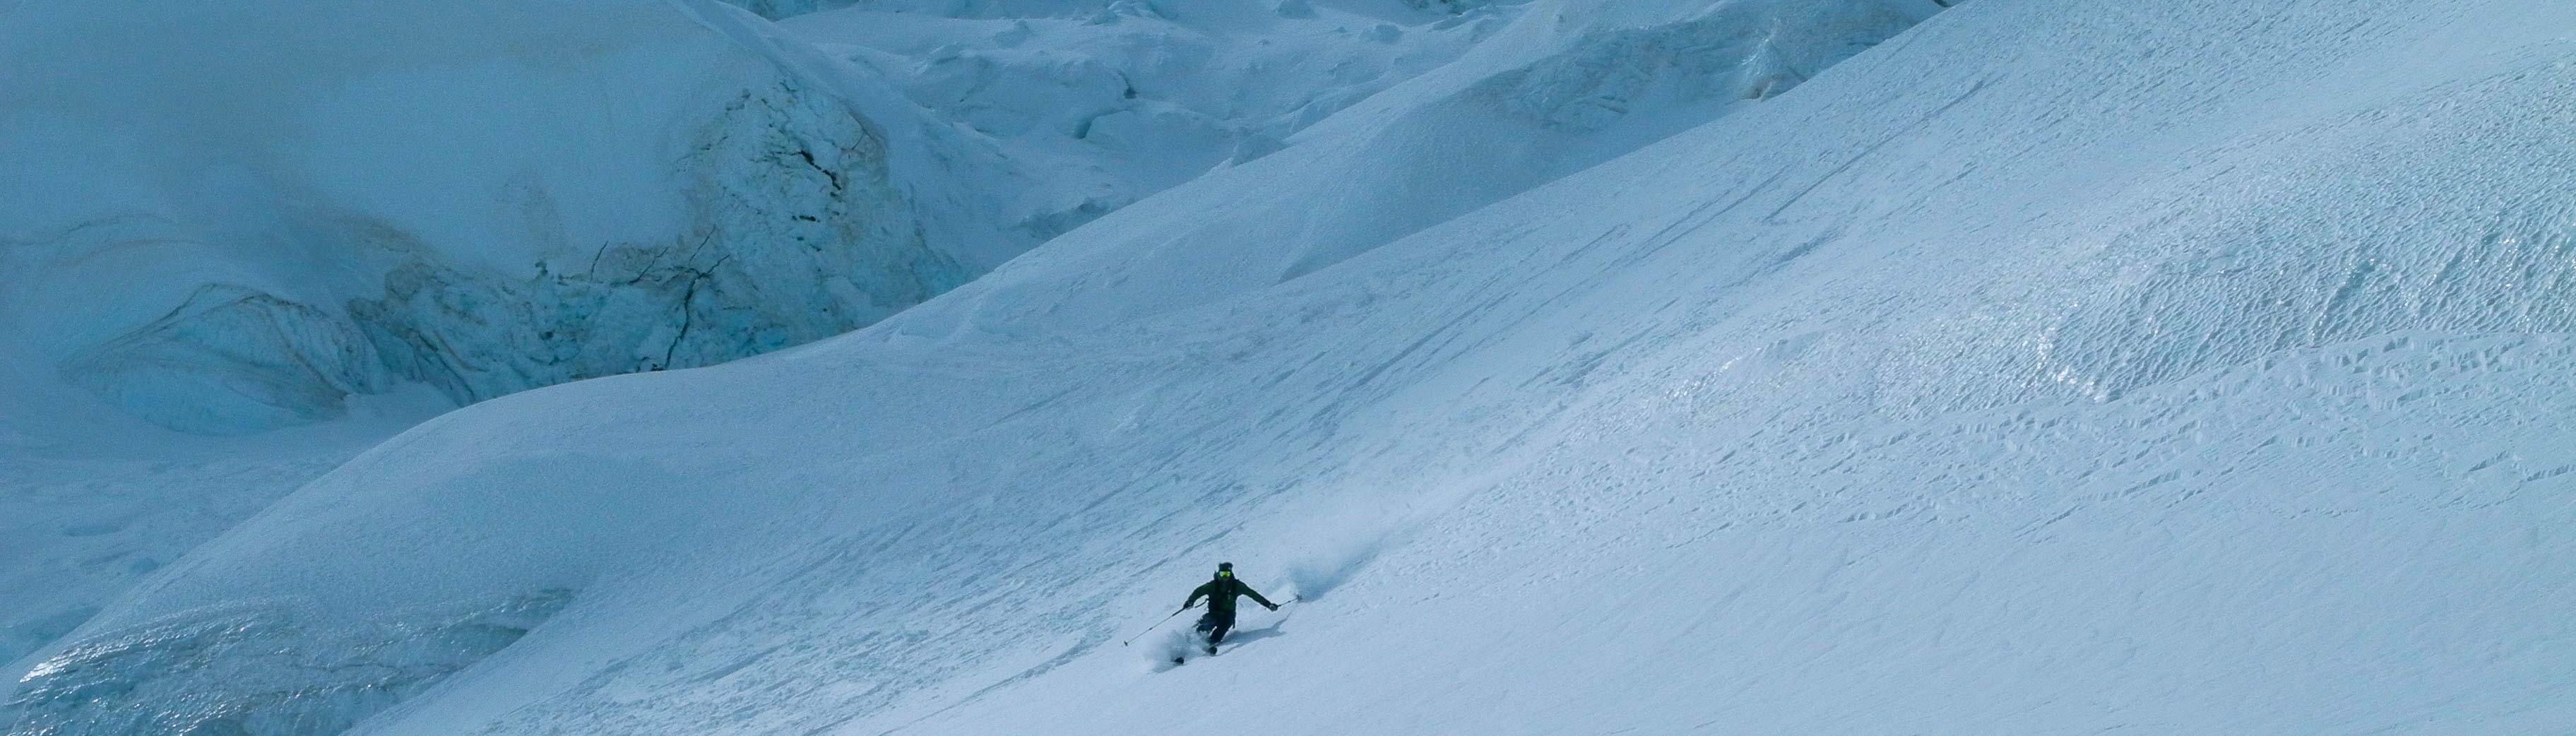 Skitour Ecrins